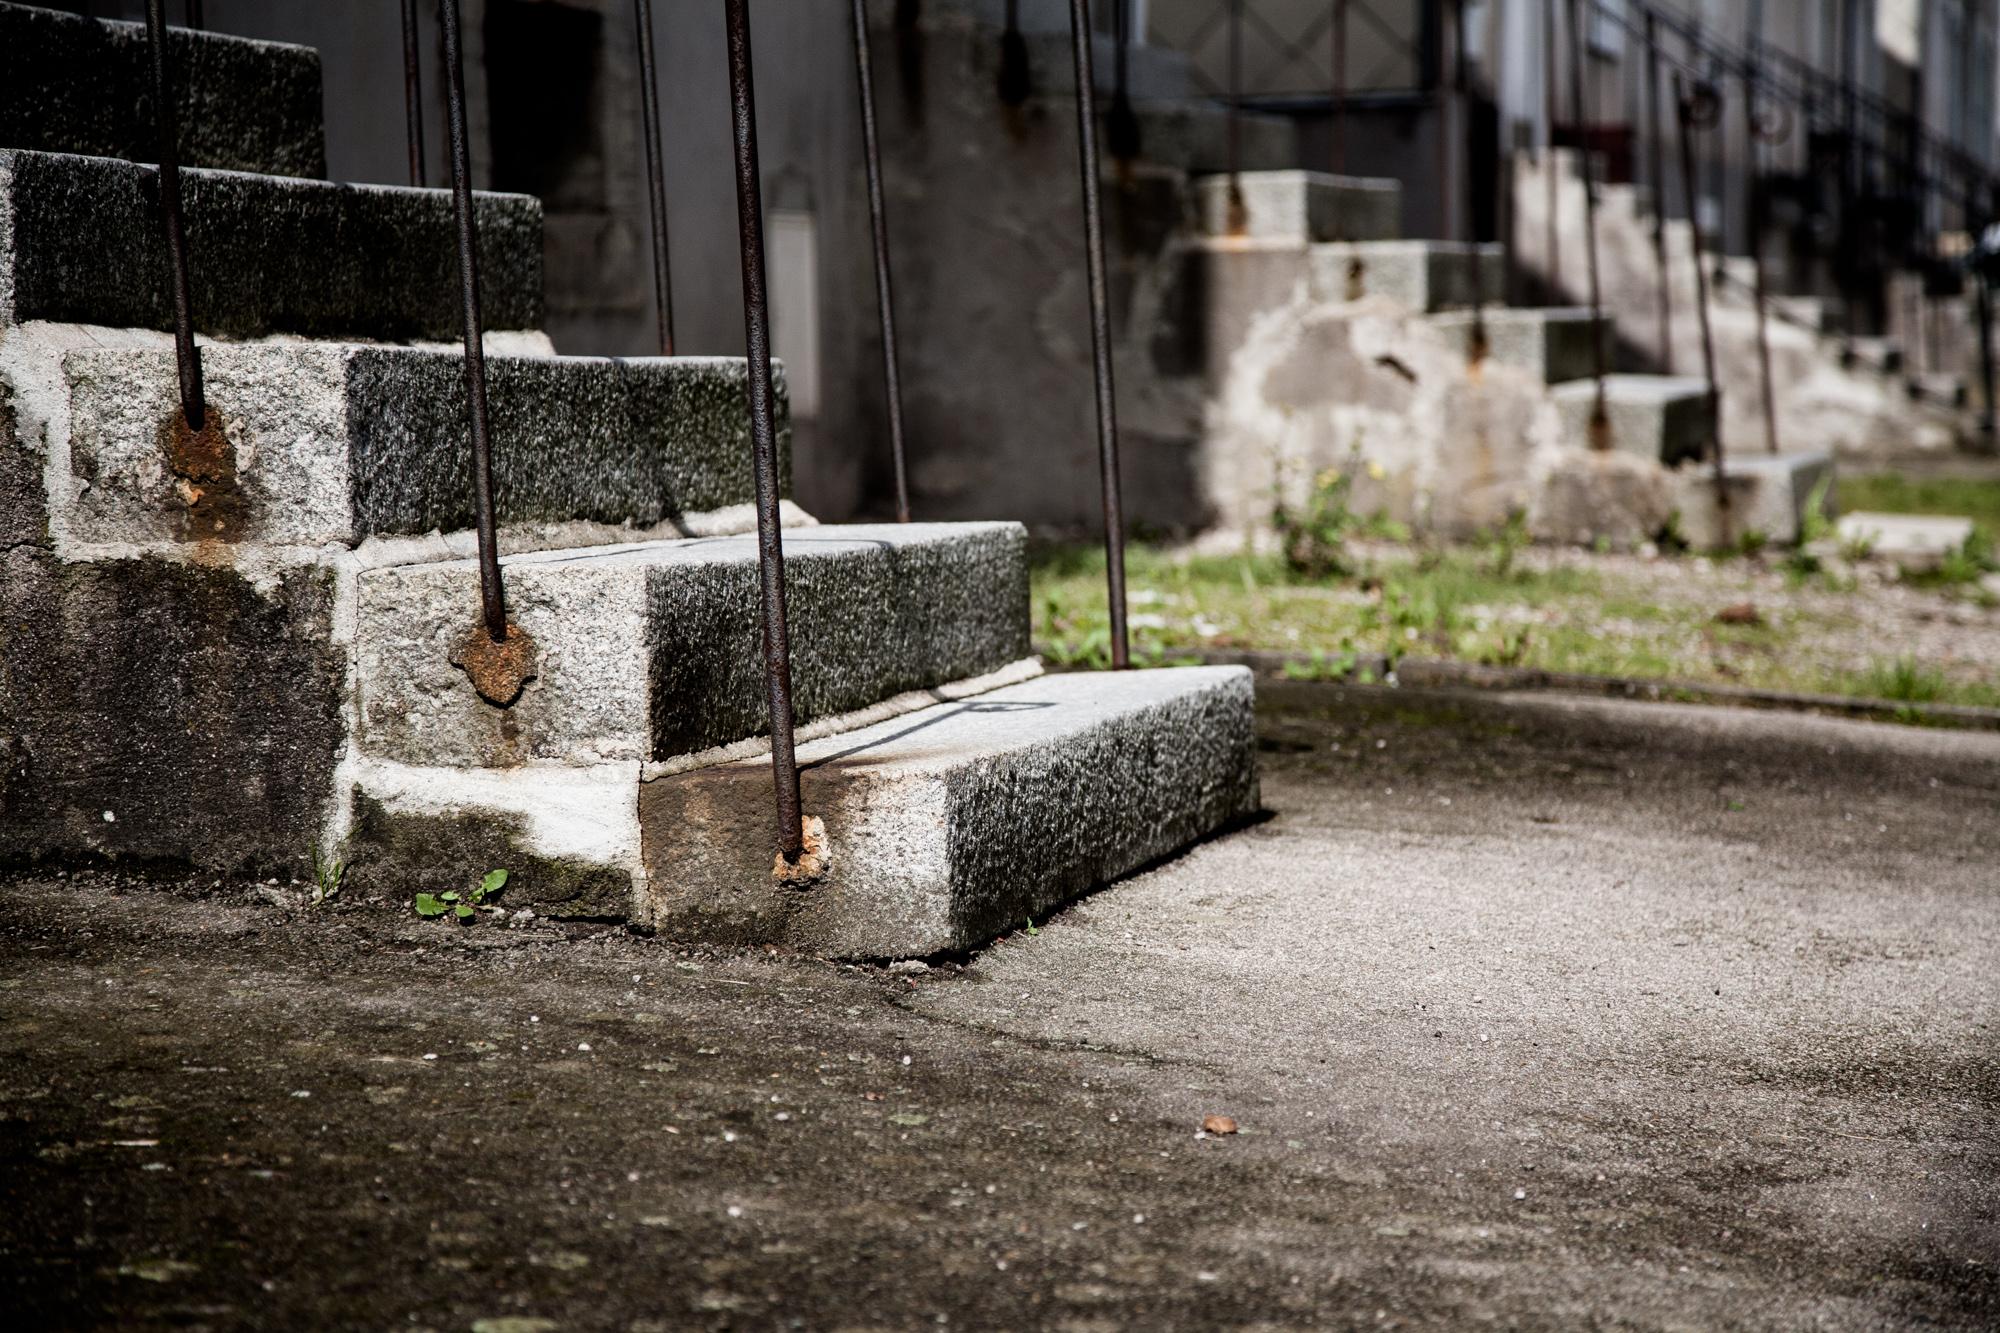 27 août 2010. Rue de la Vologne. Cités ouvrières.Lorsque la filature fonctionnait, les ouvriers veillaient chaque soir devant les maisons des cités. Les escaliers se sont vidés. à mesure que la télévision prenait place dans les salons, que l'activité de l'usine diminuait et que les anciens ouvriers disparaissaient.  Extrait du projet webdocumentaire   Les Pieds dans la France  , co-réalisé avec Stéphane Doulé et Camille Millerand.